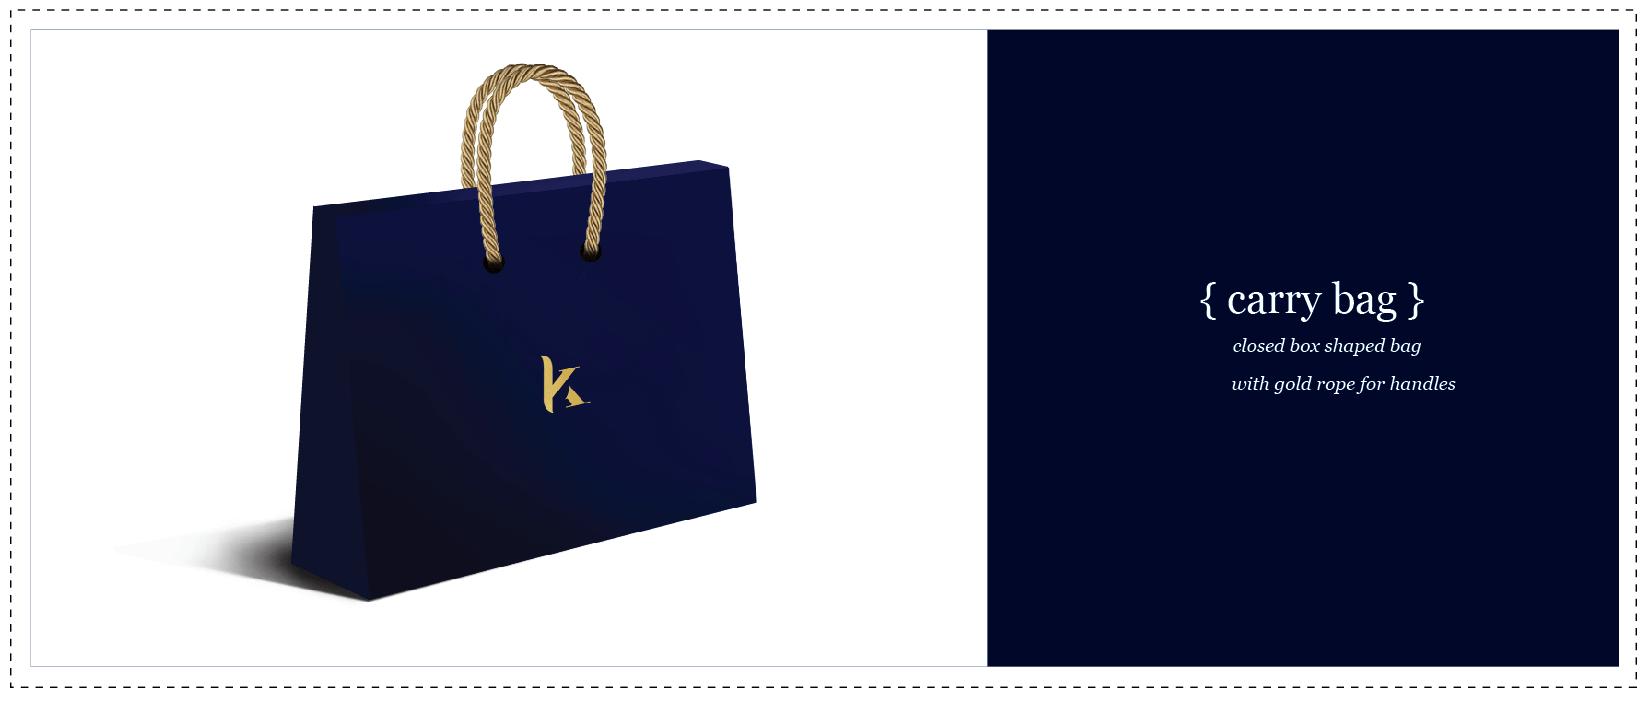 KIORA AMOREZ CARRY BAG DESIGN 4